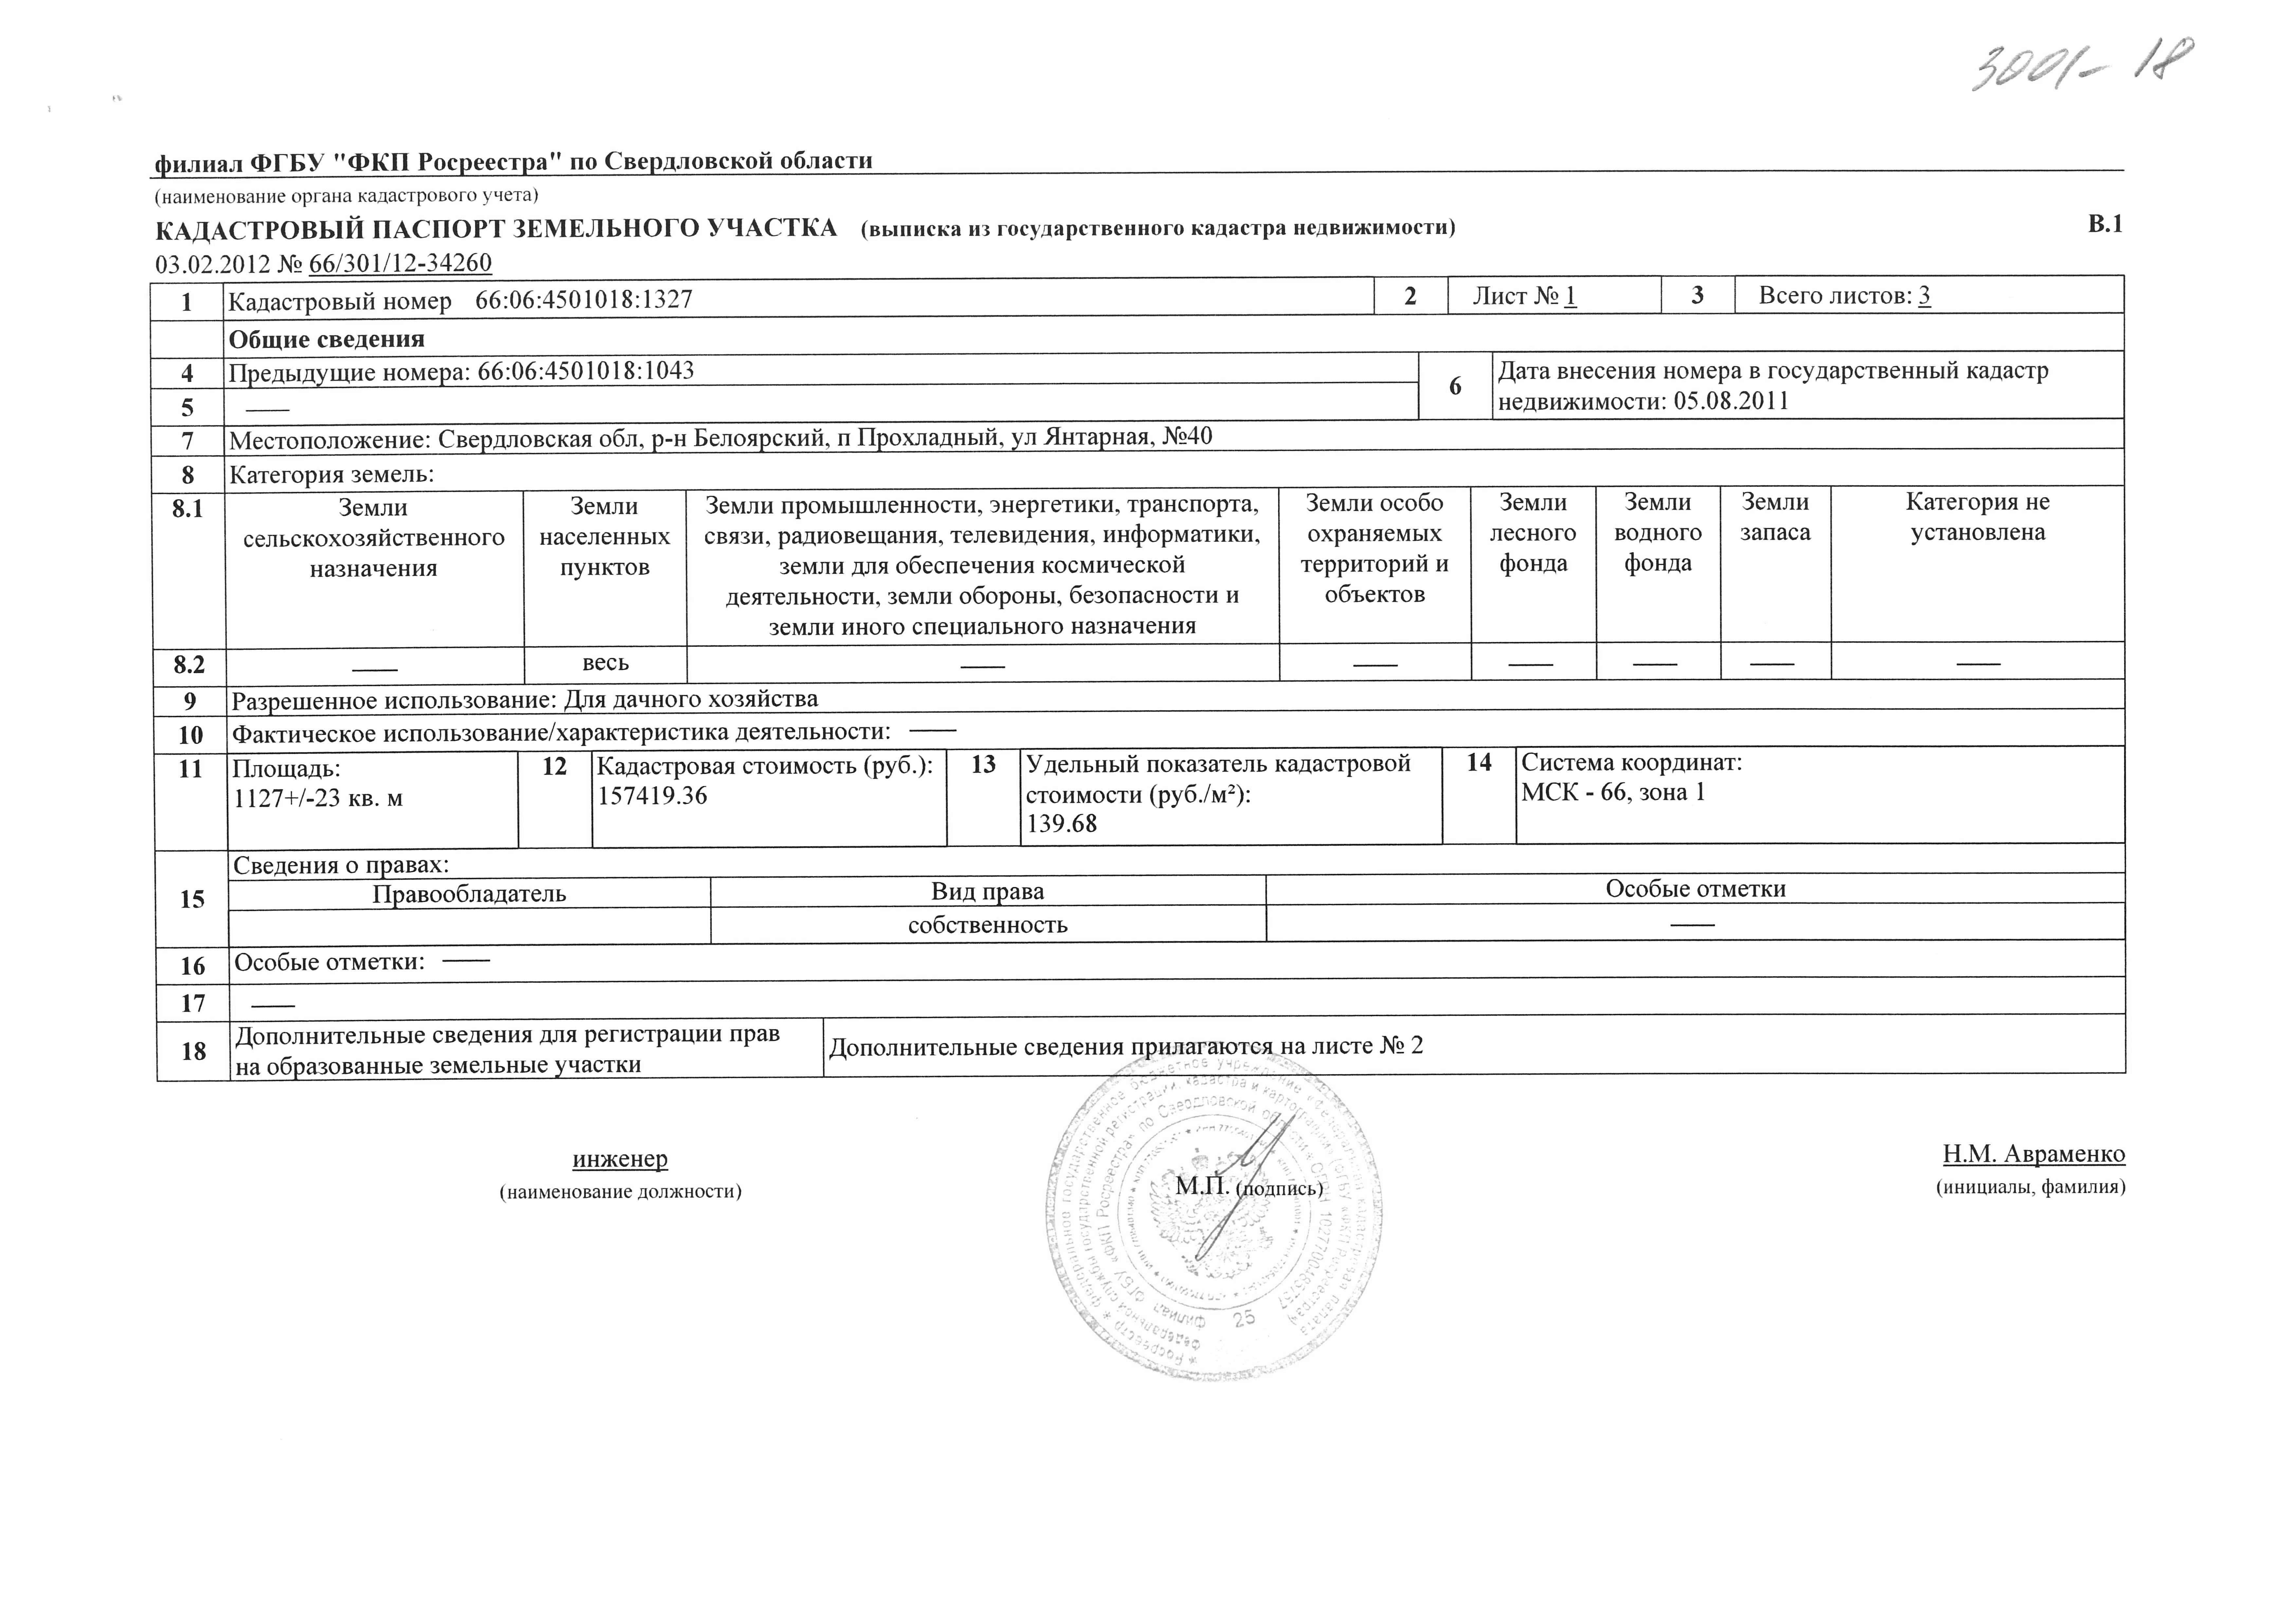 Вид кадастрового паспорта на земельный участок